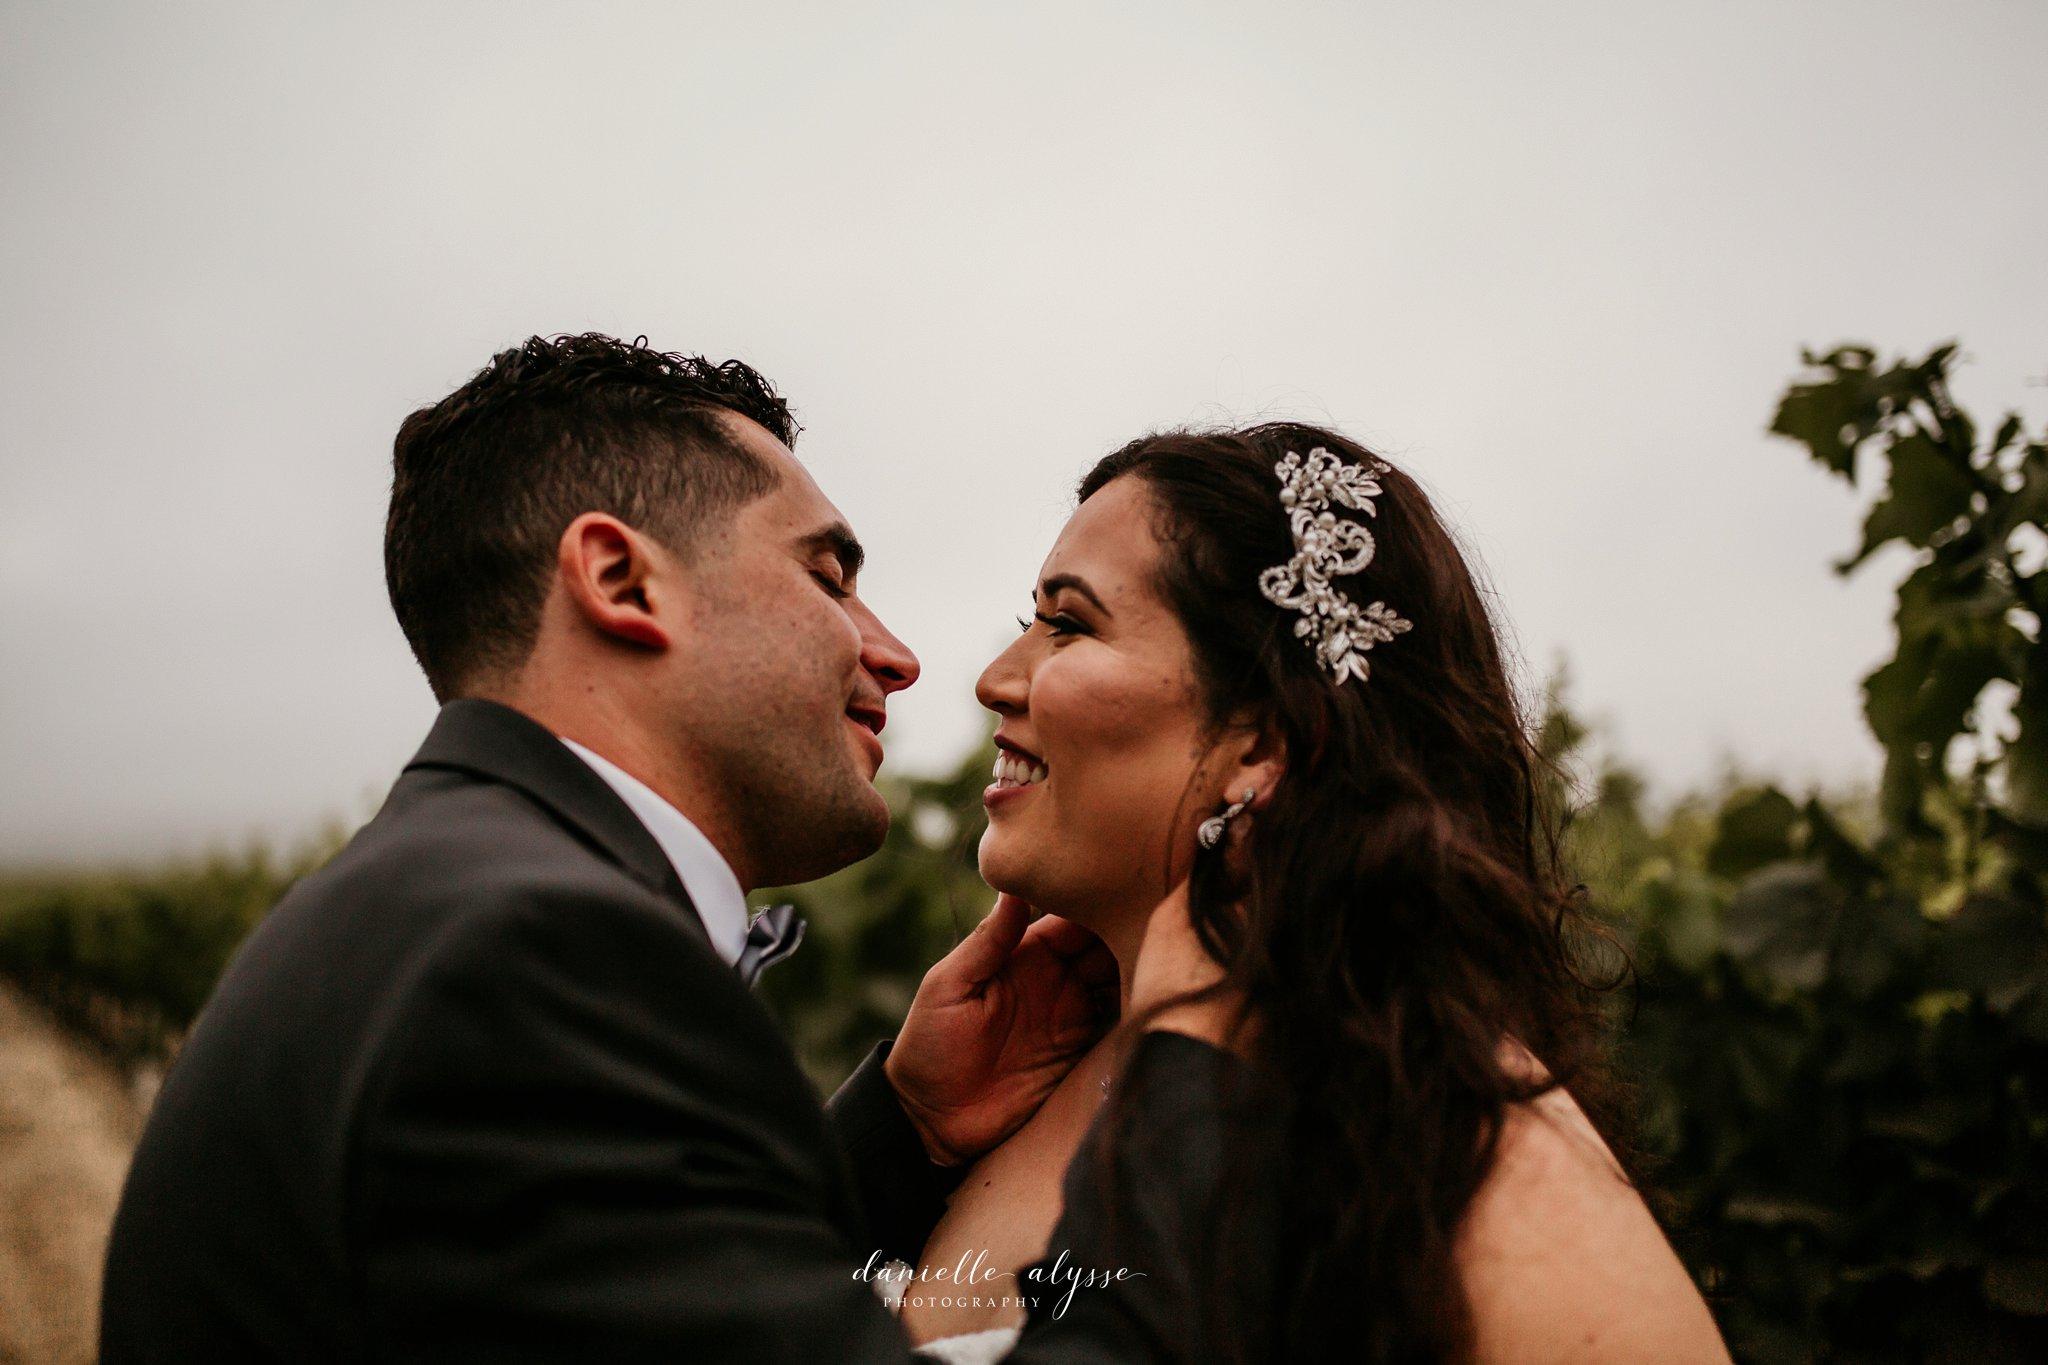 180630_wedding_lily_ryan_mission_soledad_california_danielle_alysse_photography_blog_1203_WEB.jpg